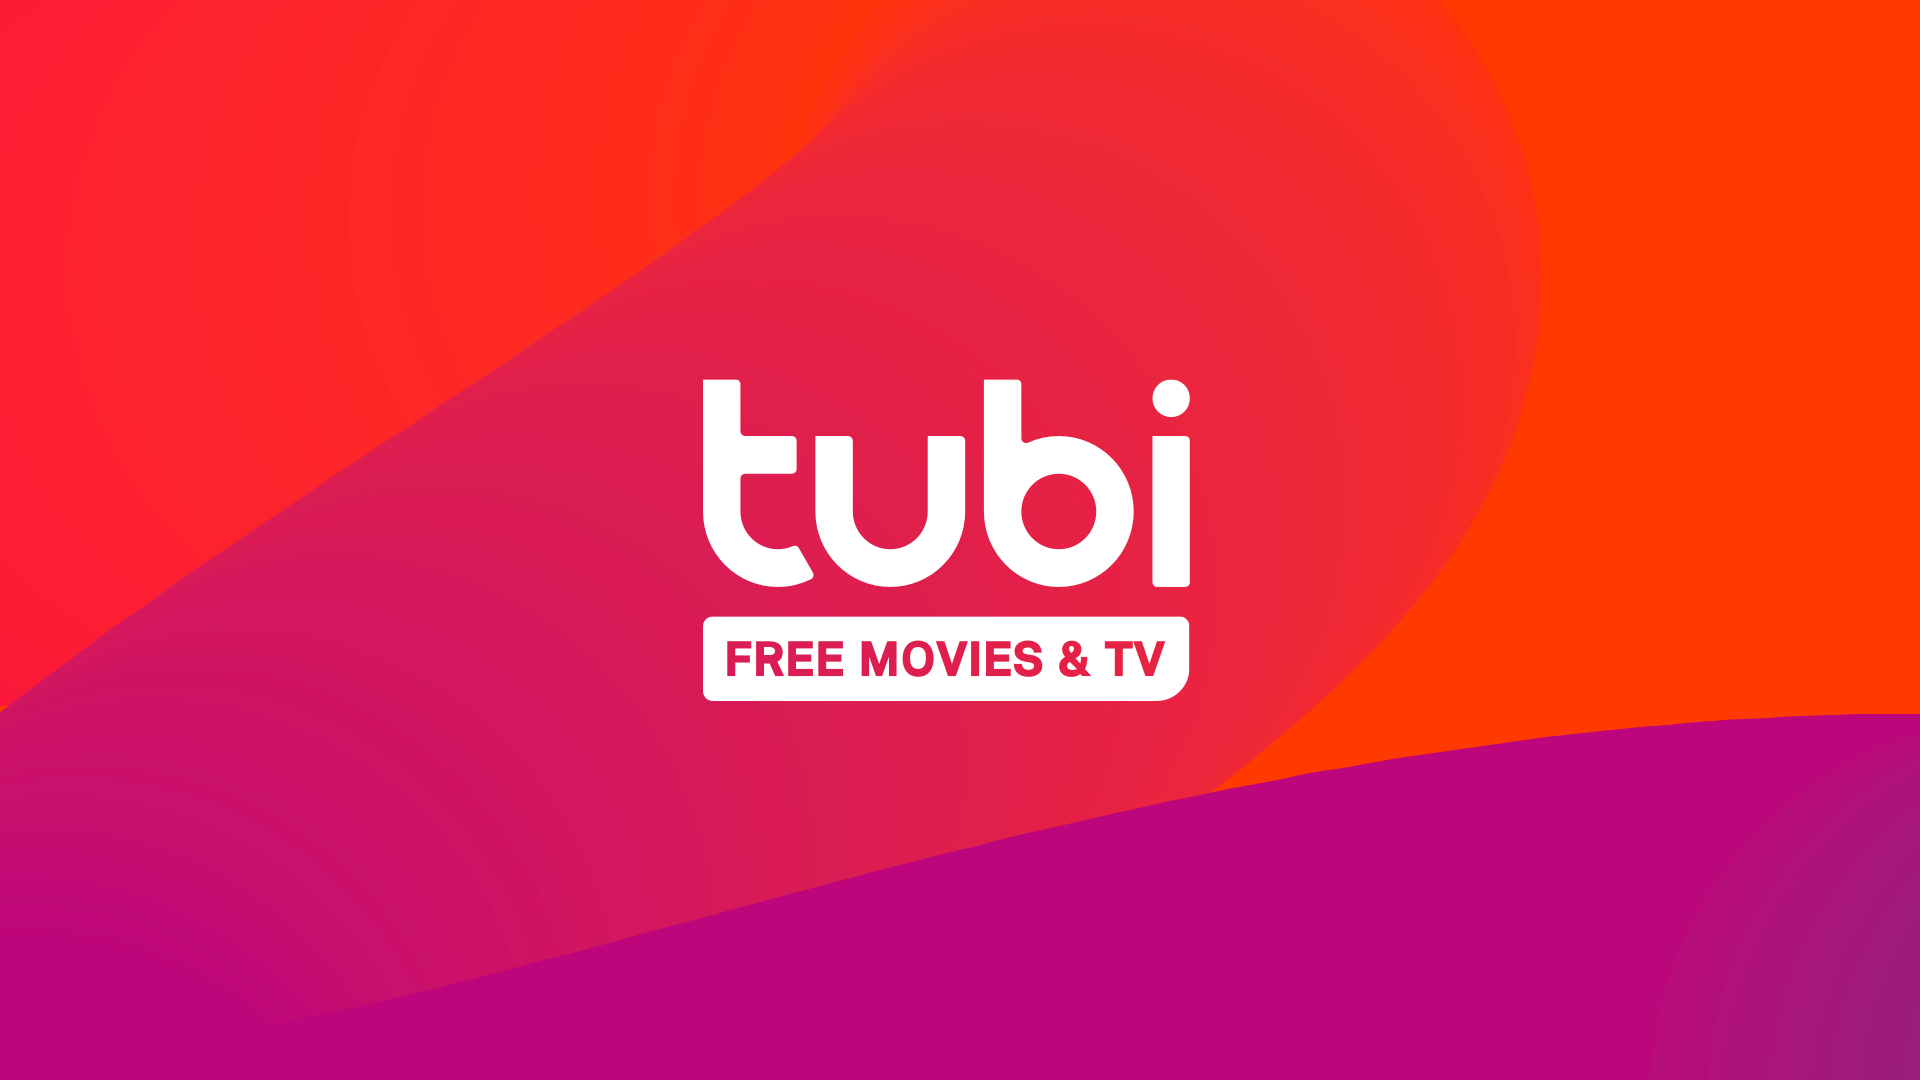 Fox to Acquire Tubi